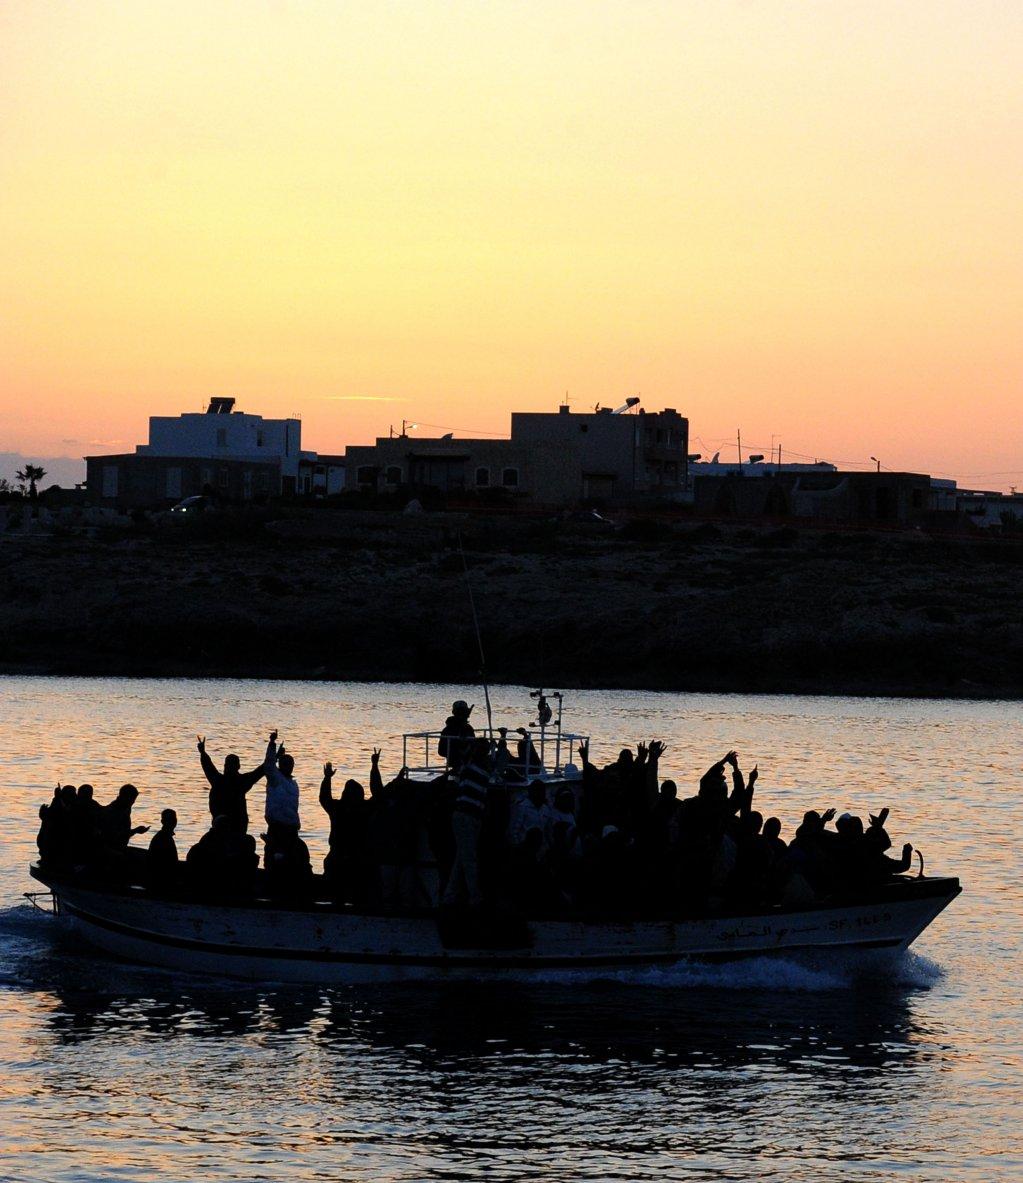 في يوم واحد اعتراض أكثر من 260 مهاجراً في البحر الأبيض المتوسط